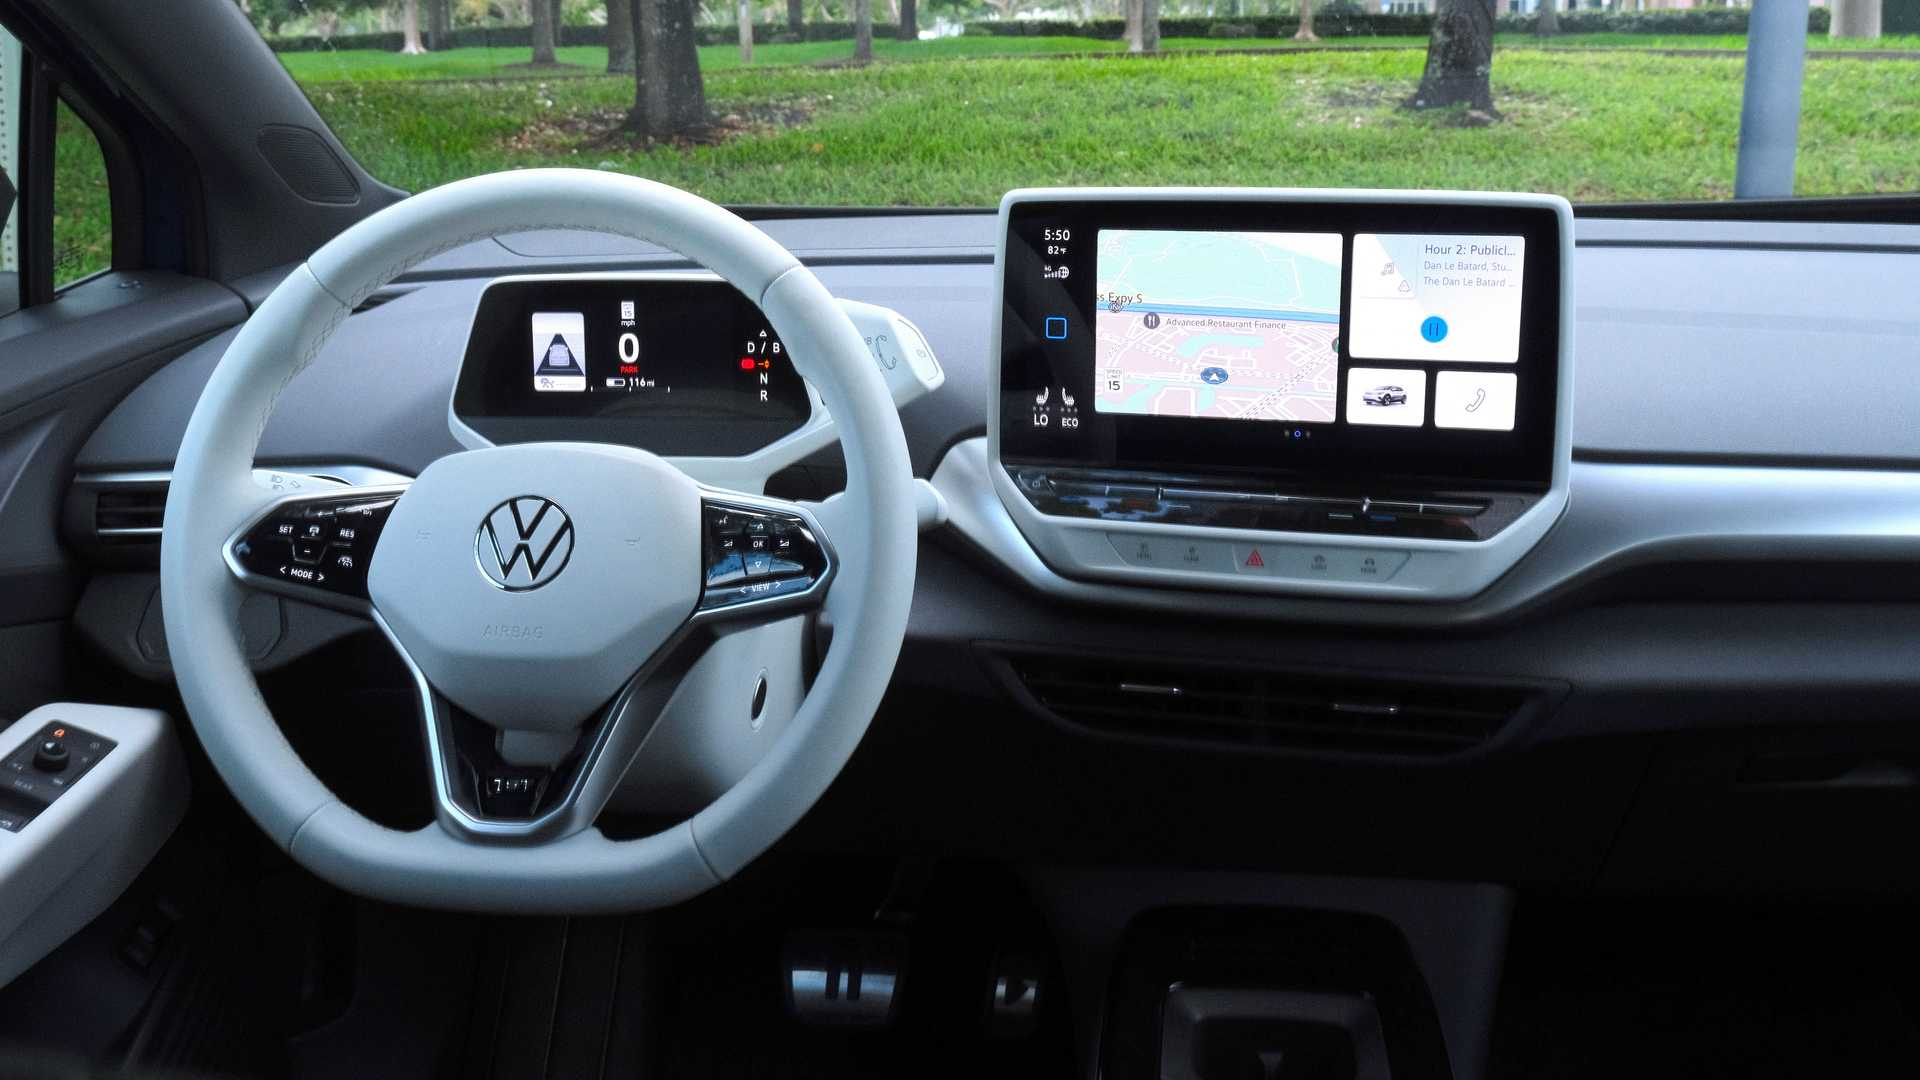 فولكس واجن آي دي. 4 الإصدارة الأول 2021 - مقصورة القيادة